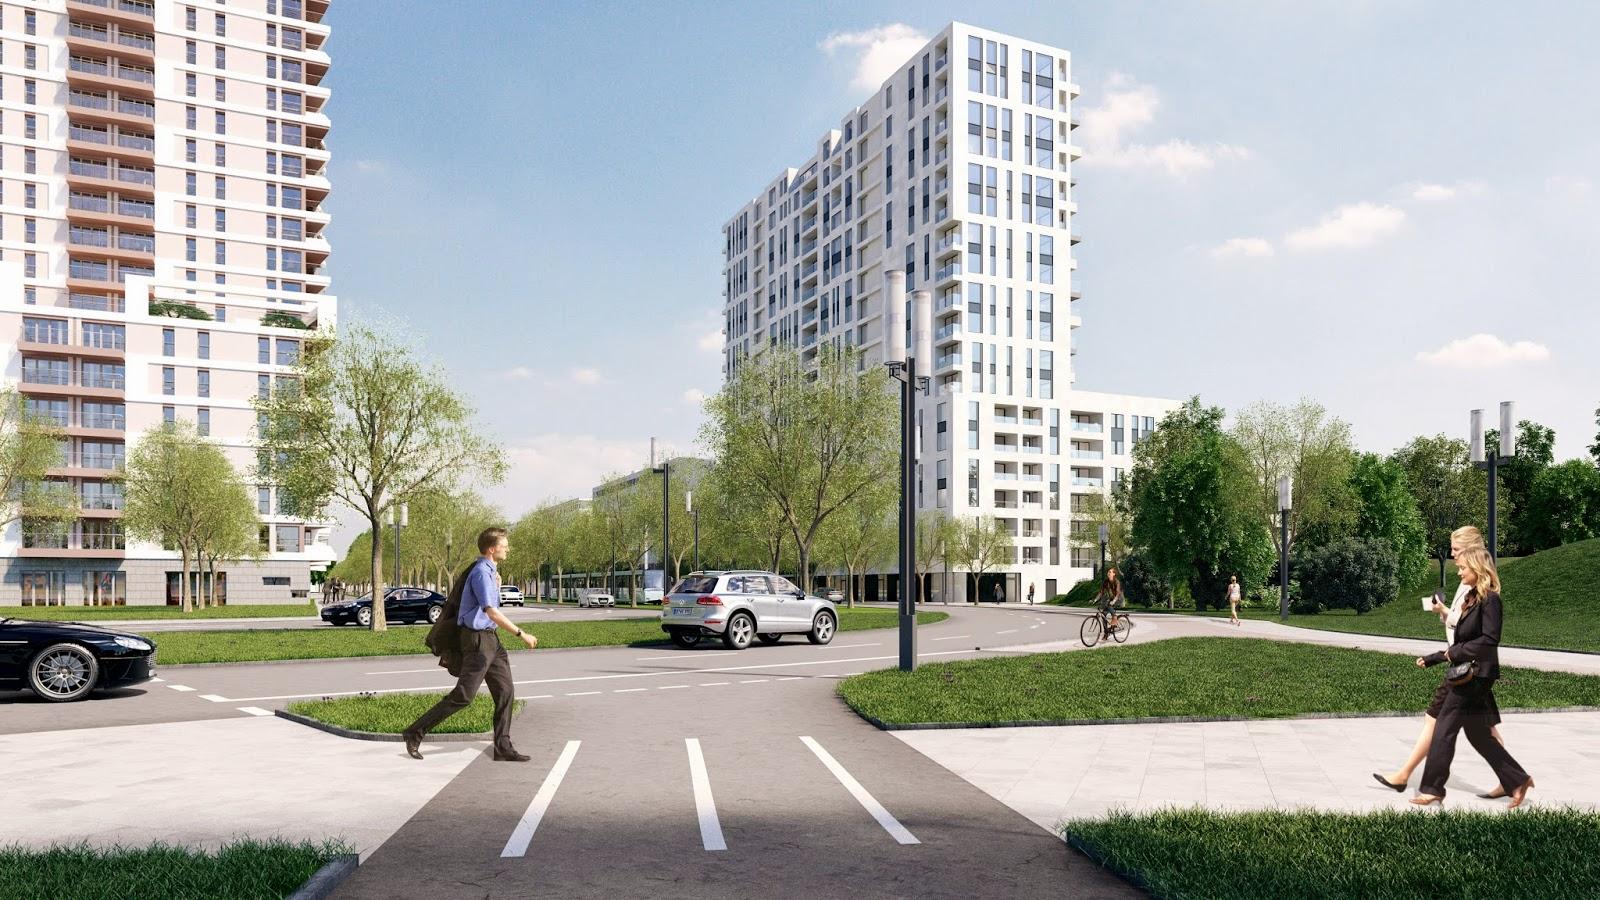 Visualisierung Axis Nordwestansicht; Bild: axis-frankfurt.de